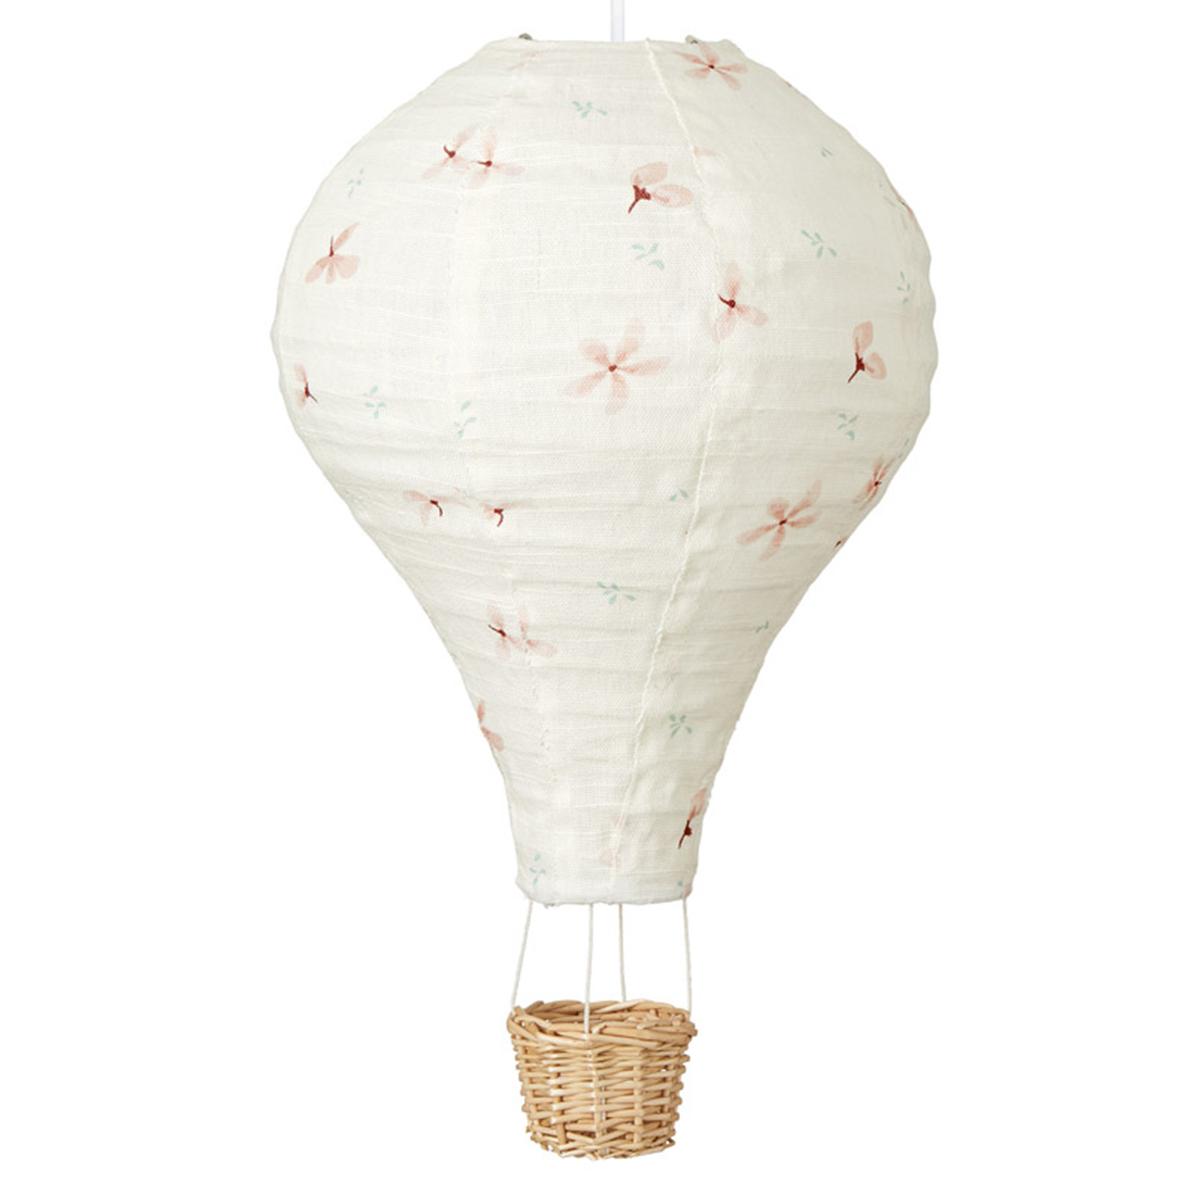 Suspension  décorative Lampe Montgolfière - Windflower Crème Lampe Montgolfière - Windflower Crème